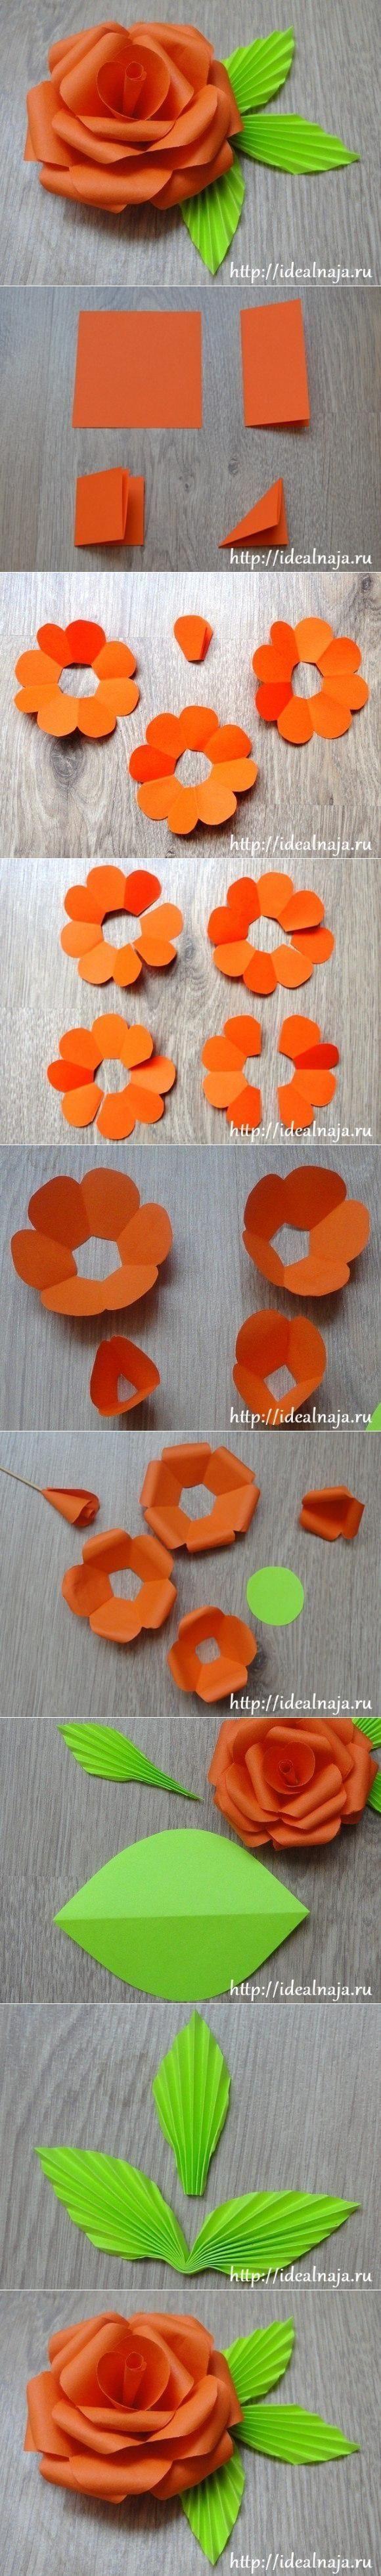 Cómo hacer flores con cartulinas y cartón paso a paso. Ideas para hacer manualidades para regalar o para decorar en casa .